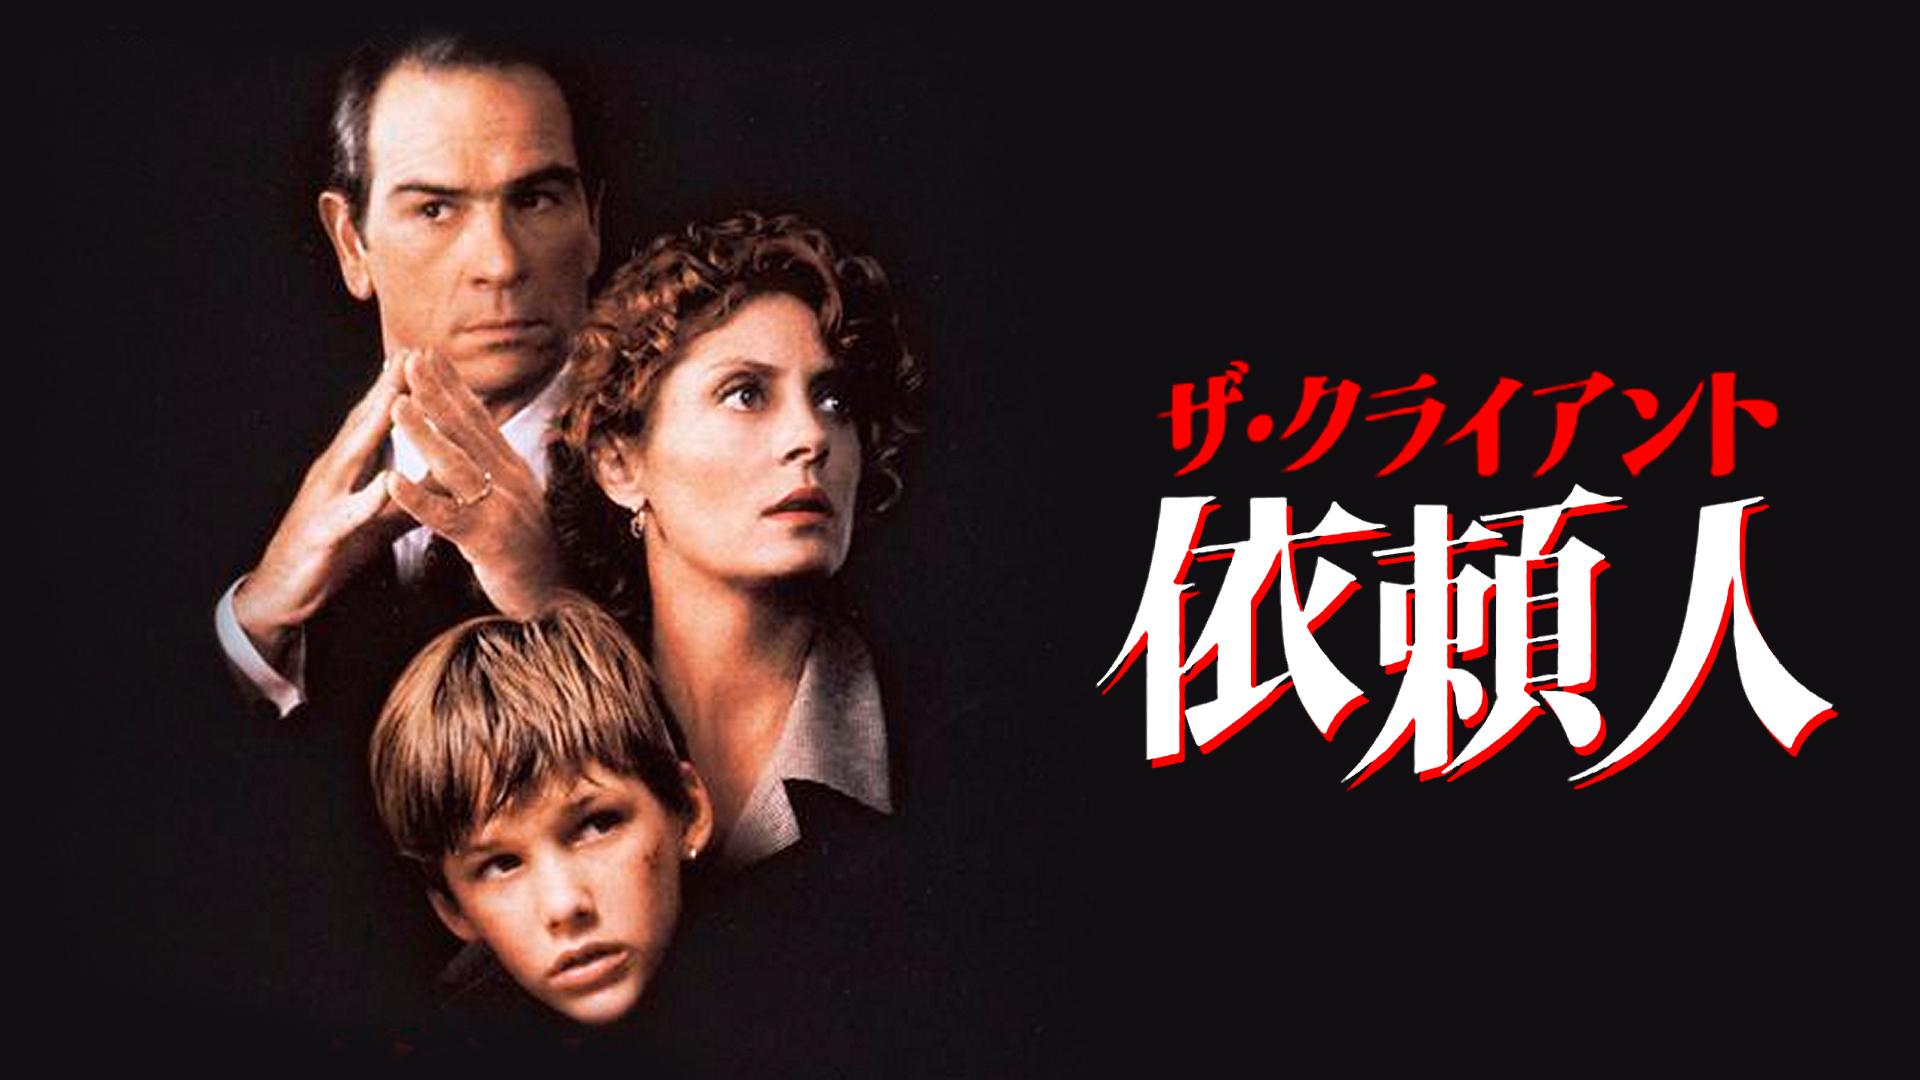 依頼人(1994年アメリカ映画)